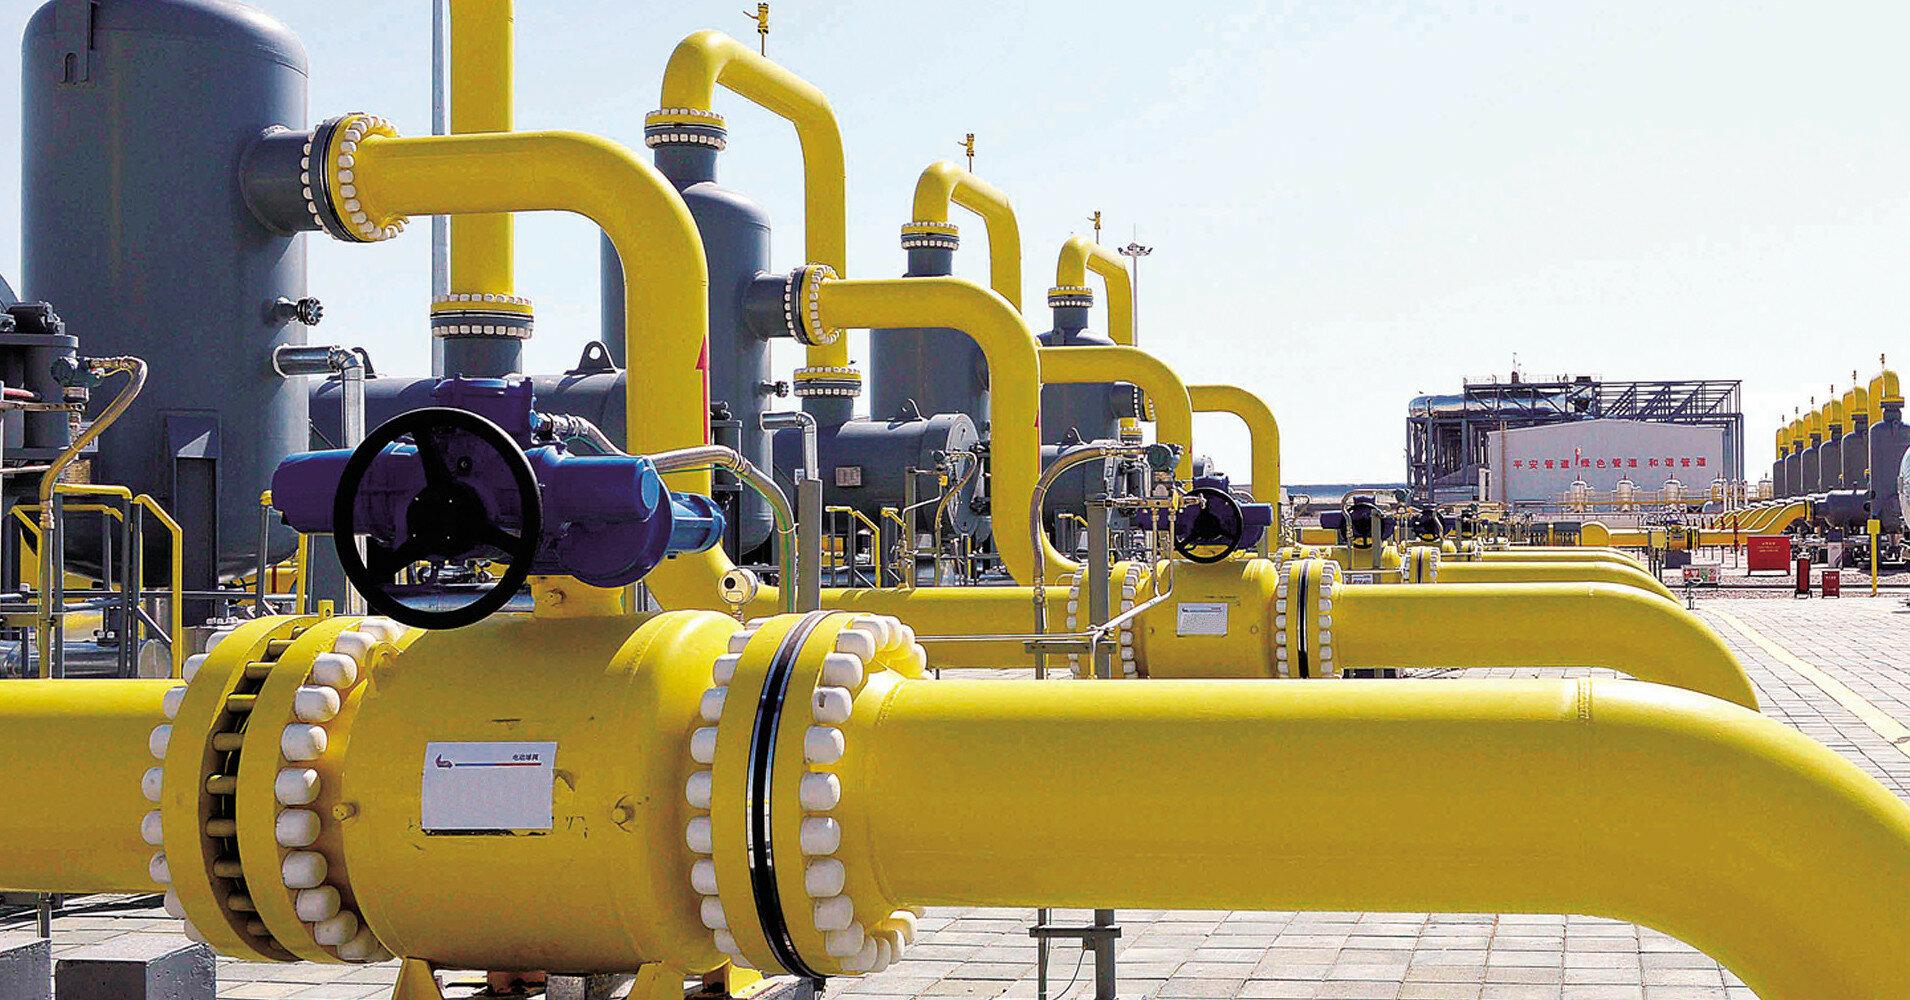 Газпром не увеличивает поставки, несмотря на дефицит газа в Европе